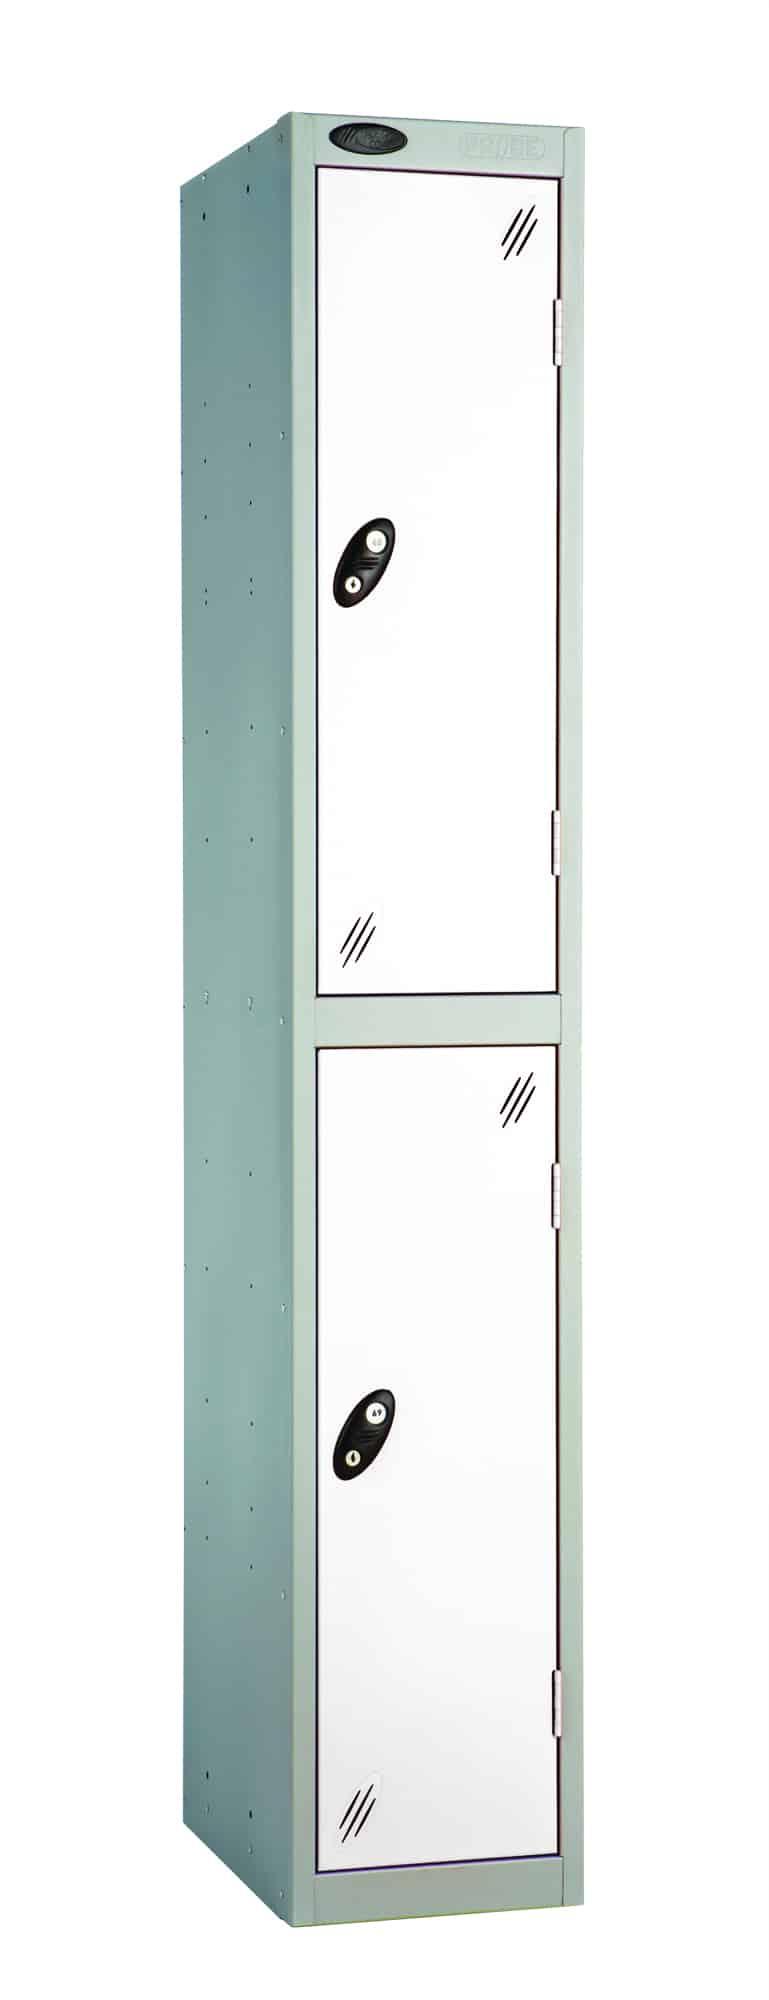 Probe Locker - 2 Compartment